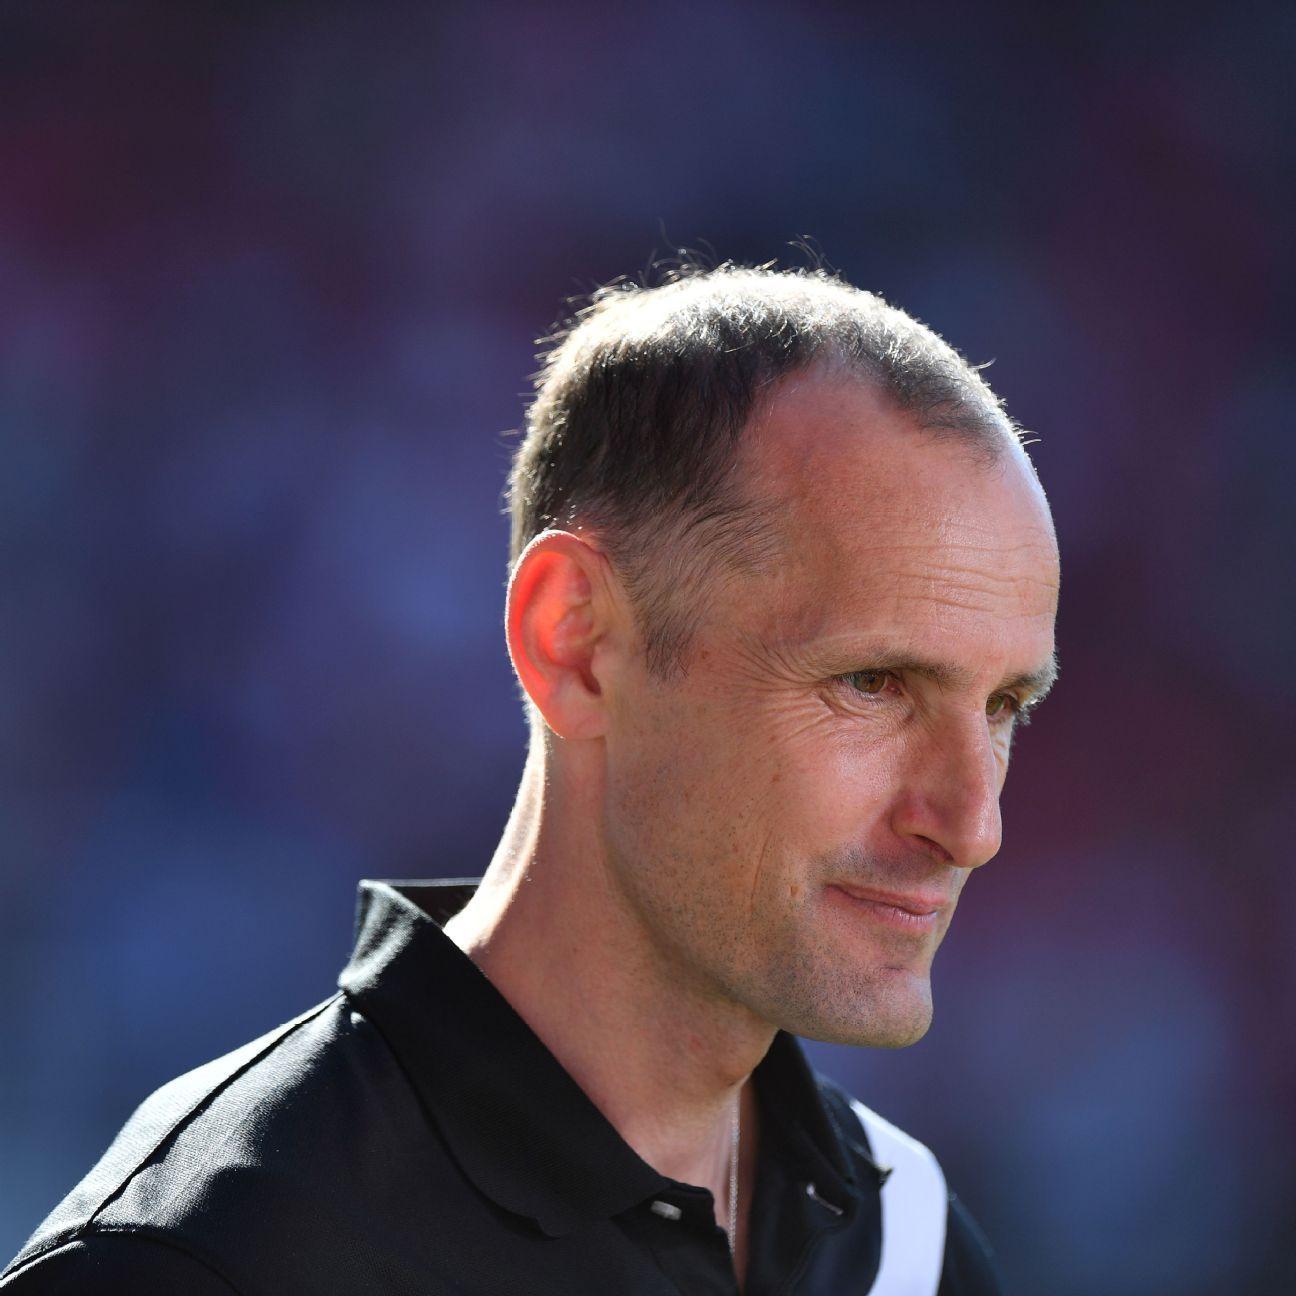 Heiko Herrlich has left Jahn Regensburg to become head coach at Bayer Leverkusen.